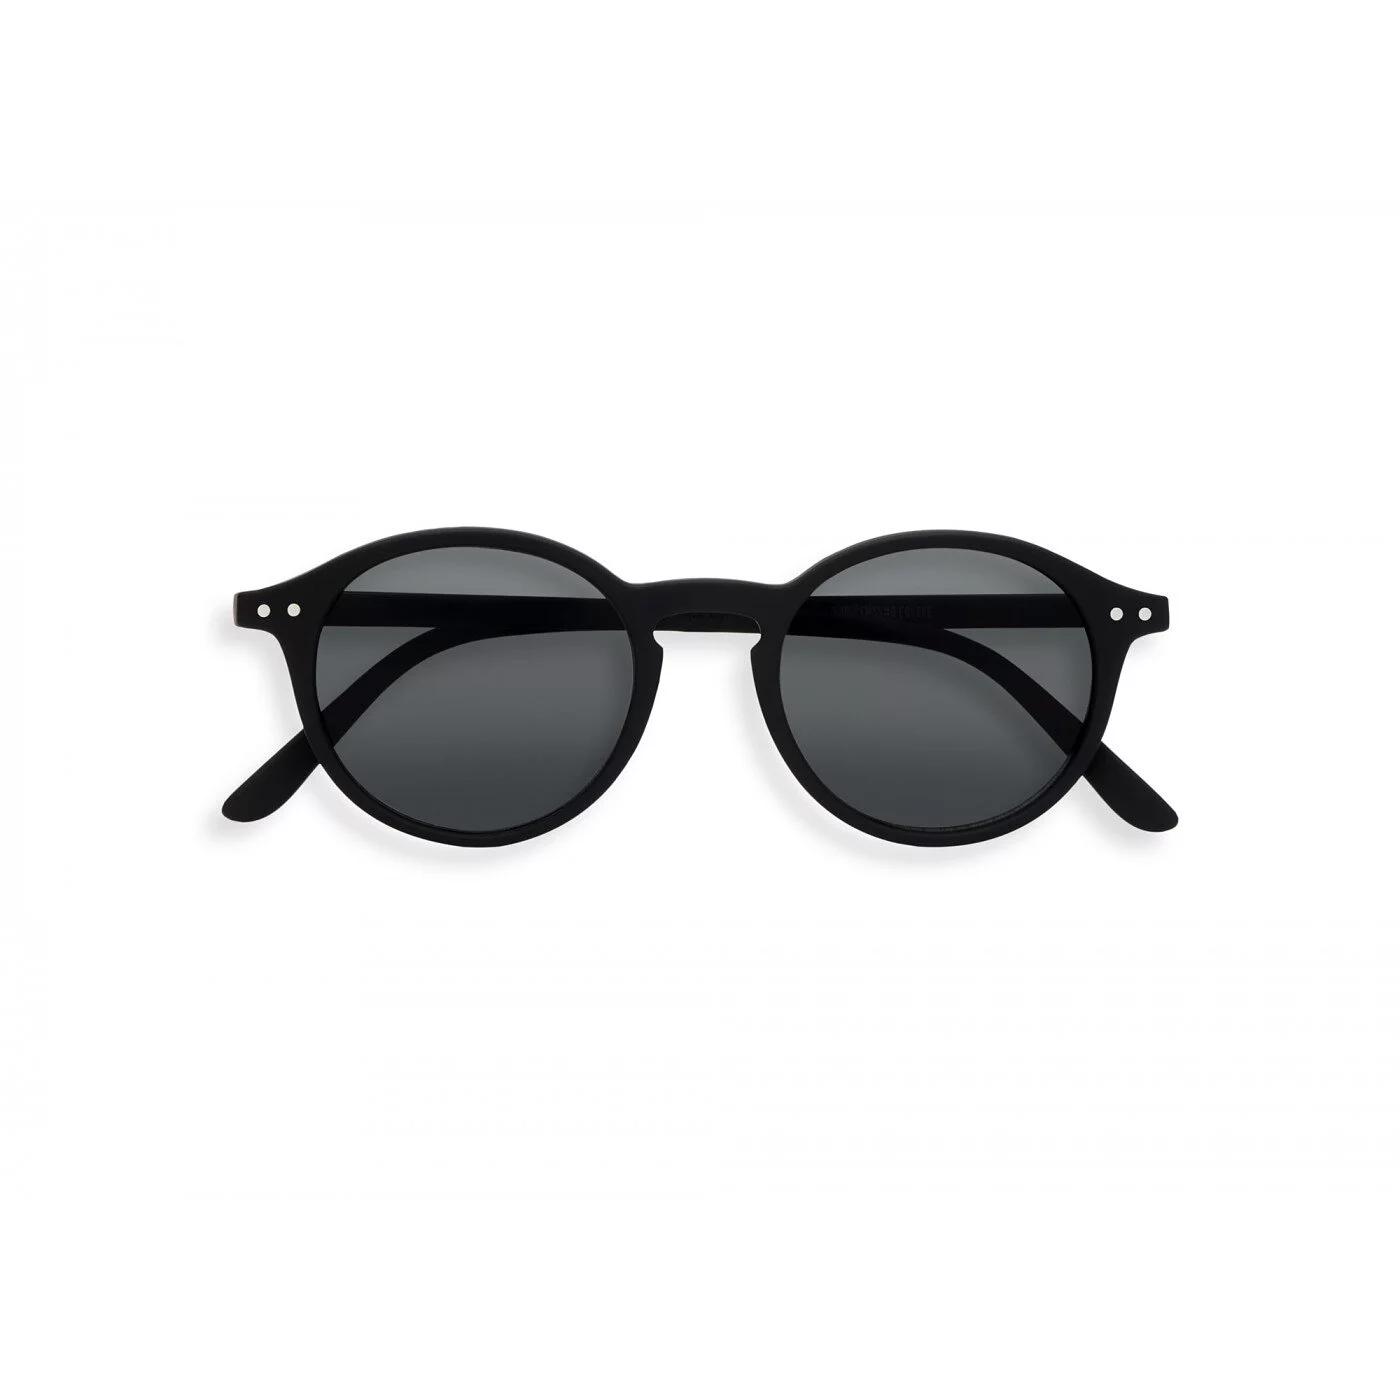 IZIPIZI   #D款 黑/灰色鏡片 復古圓框太陽眼鏡